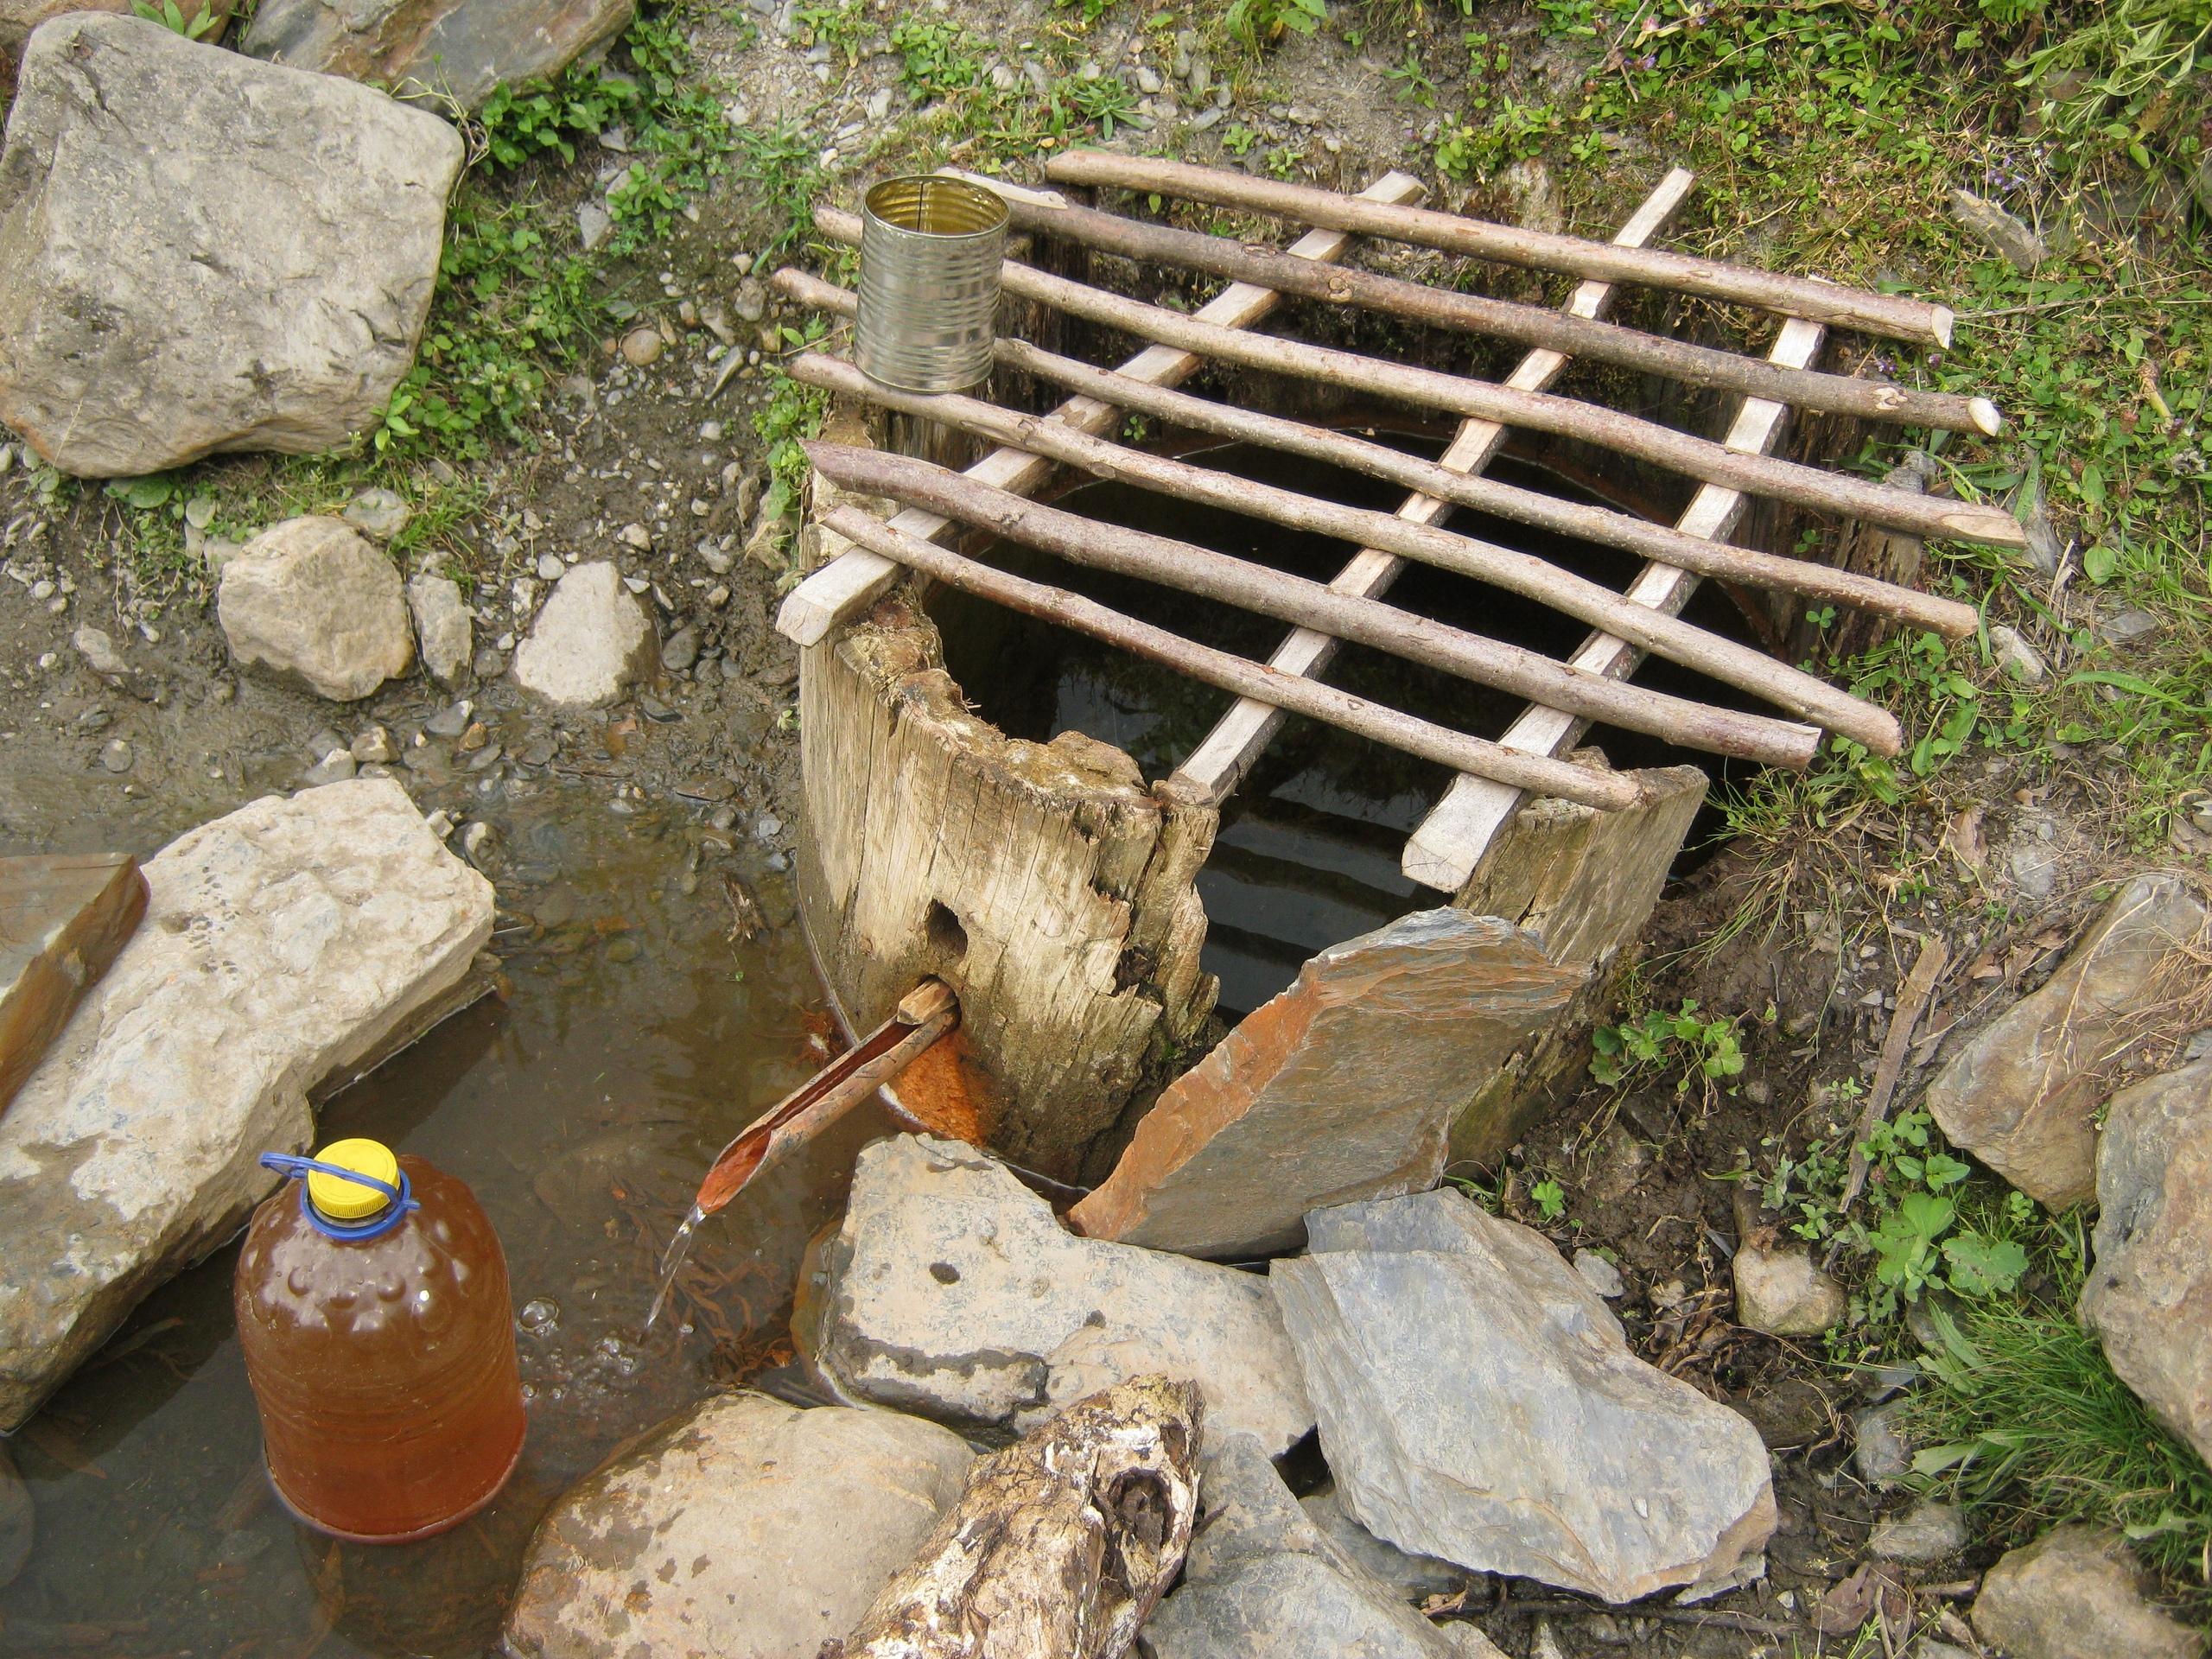 минеральная вода - это (не) естественный продукт для человека?